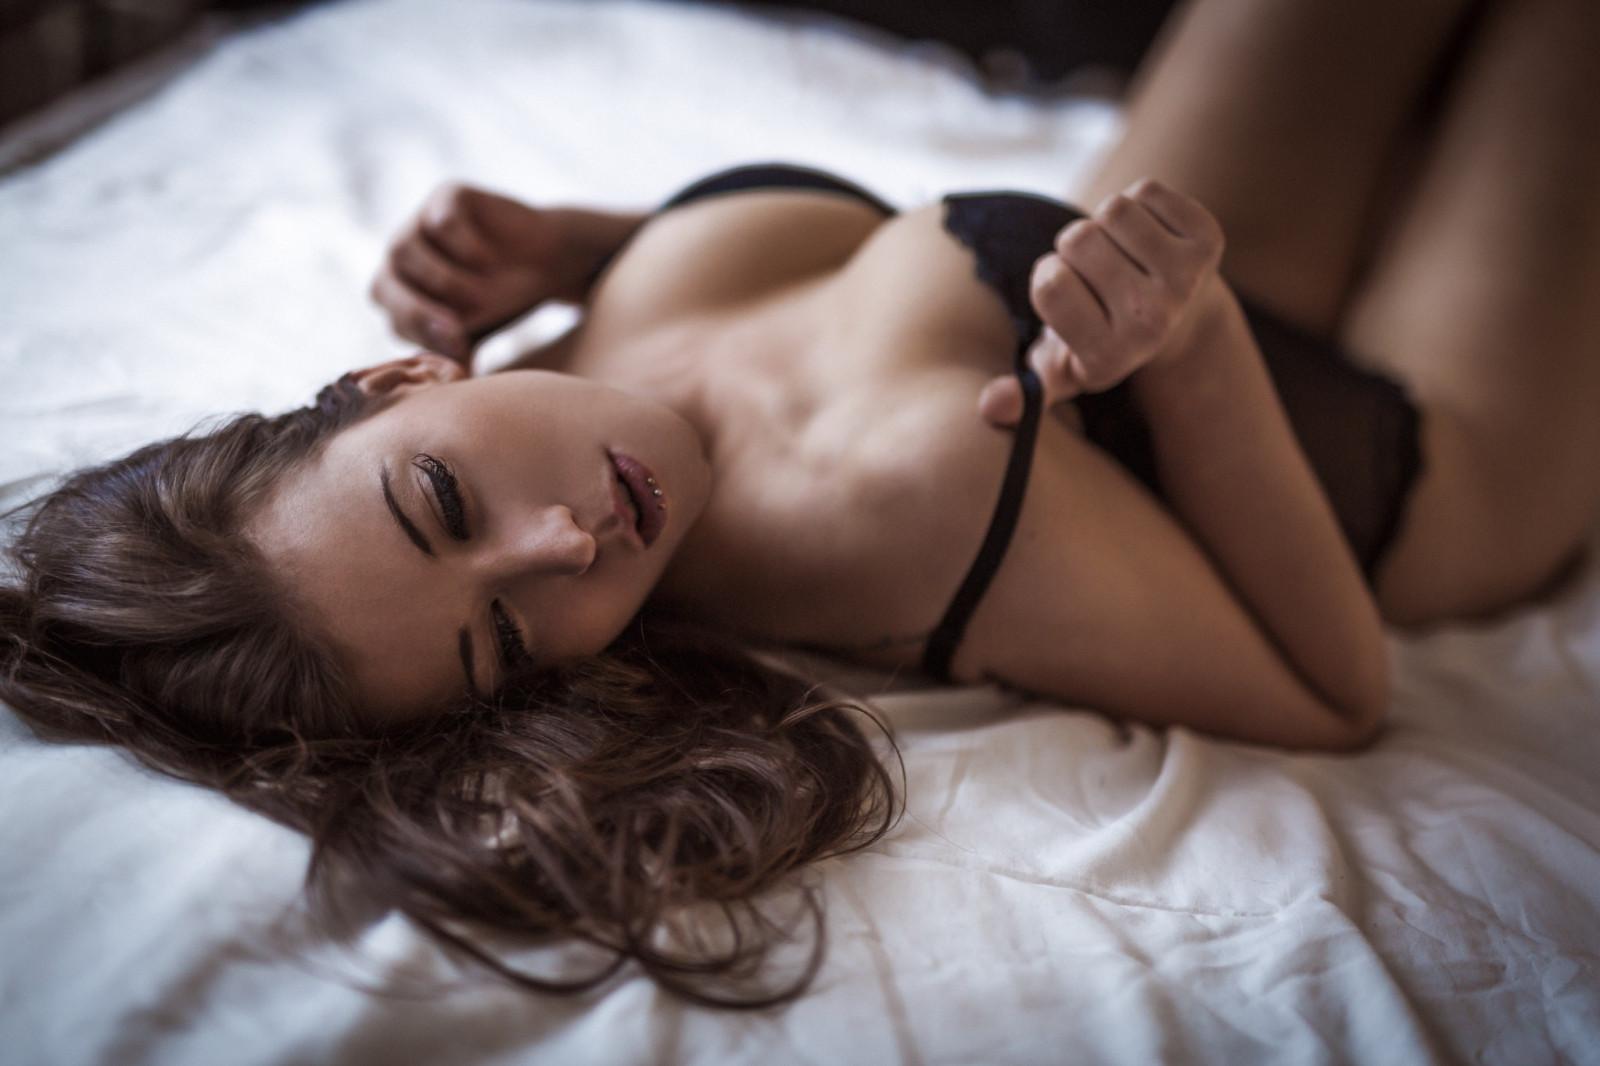 Сексуальные девушки на кровати, Голые в постели и на кровати - фото голых девушек 7 фотография